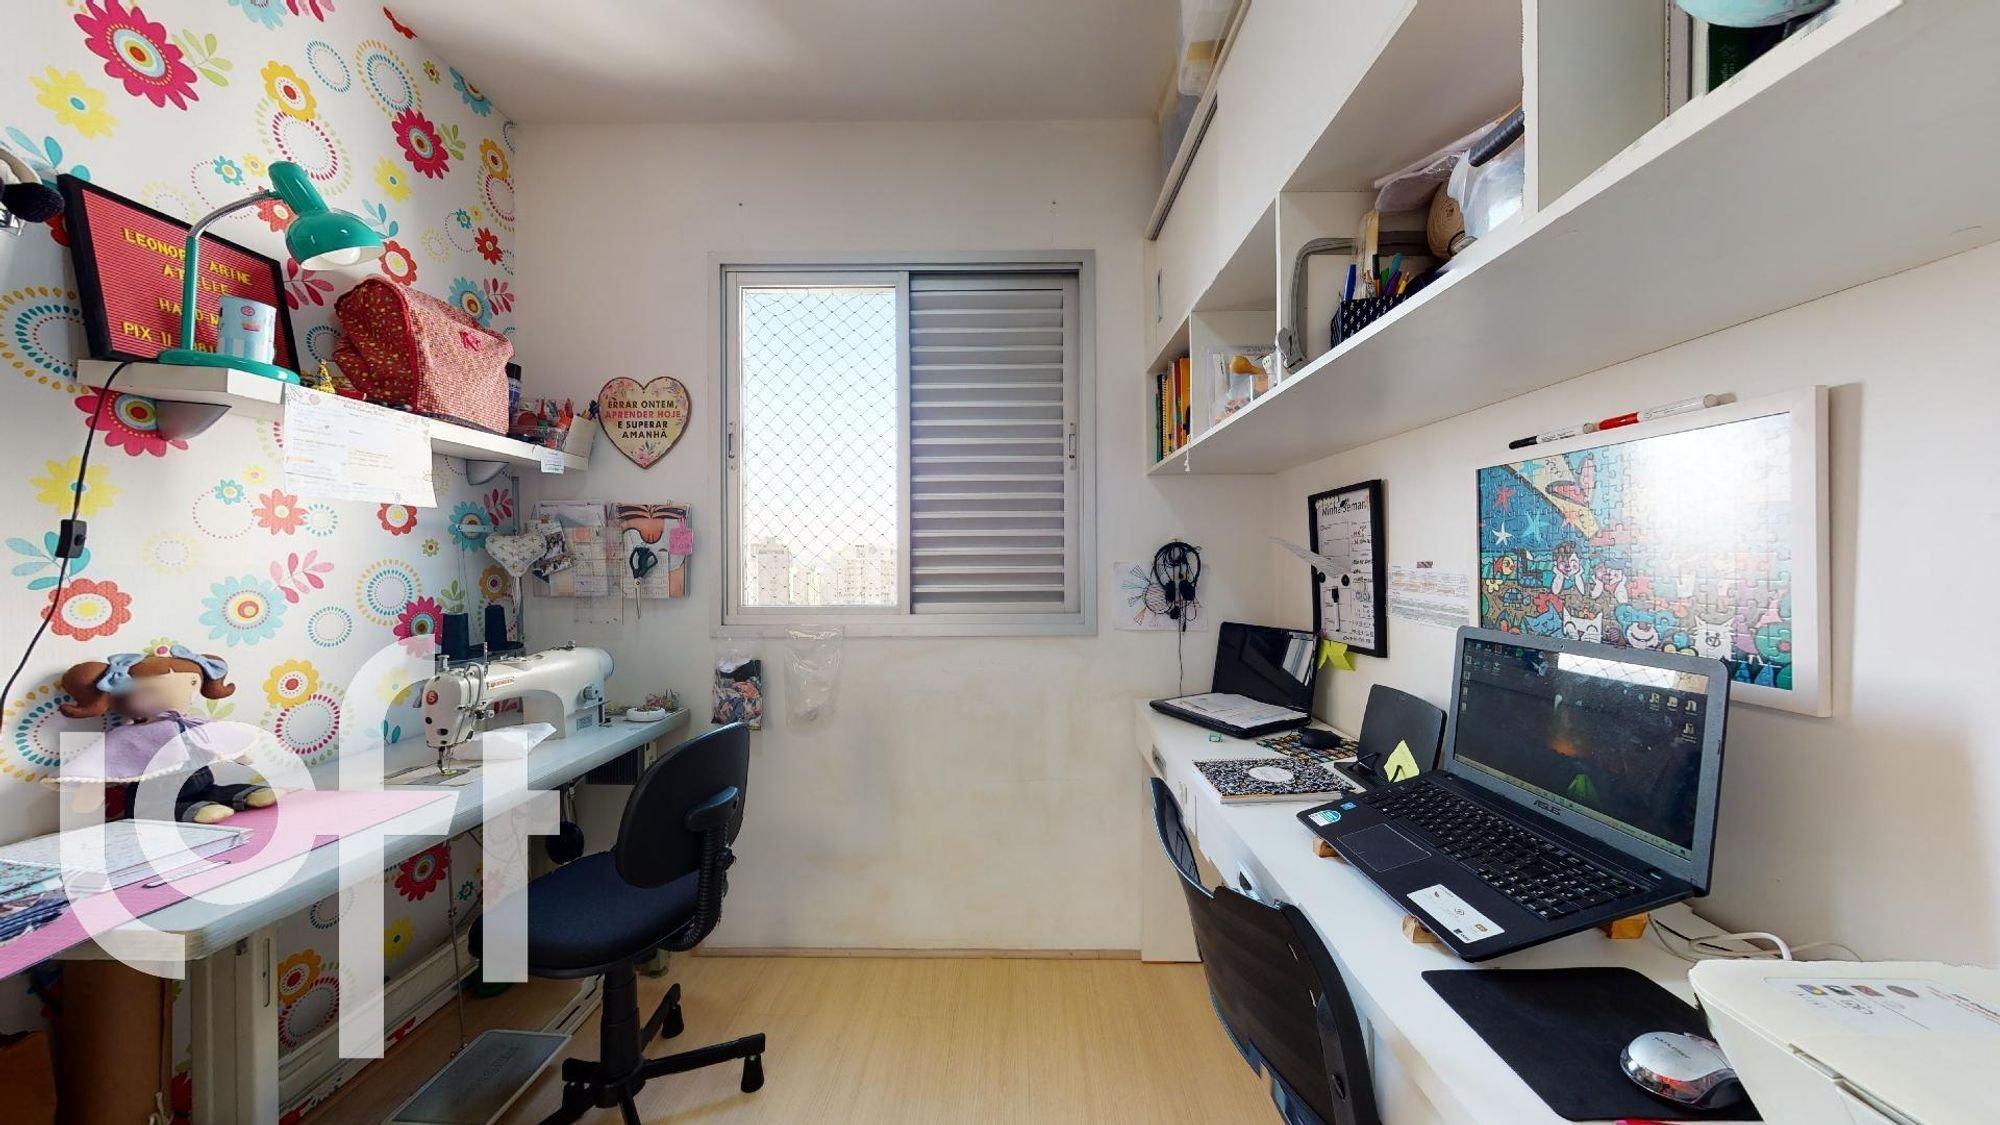 Foto de Quarto com teclado, mouse, computador portátil, cadeira